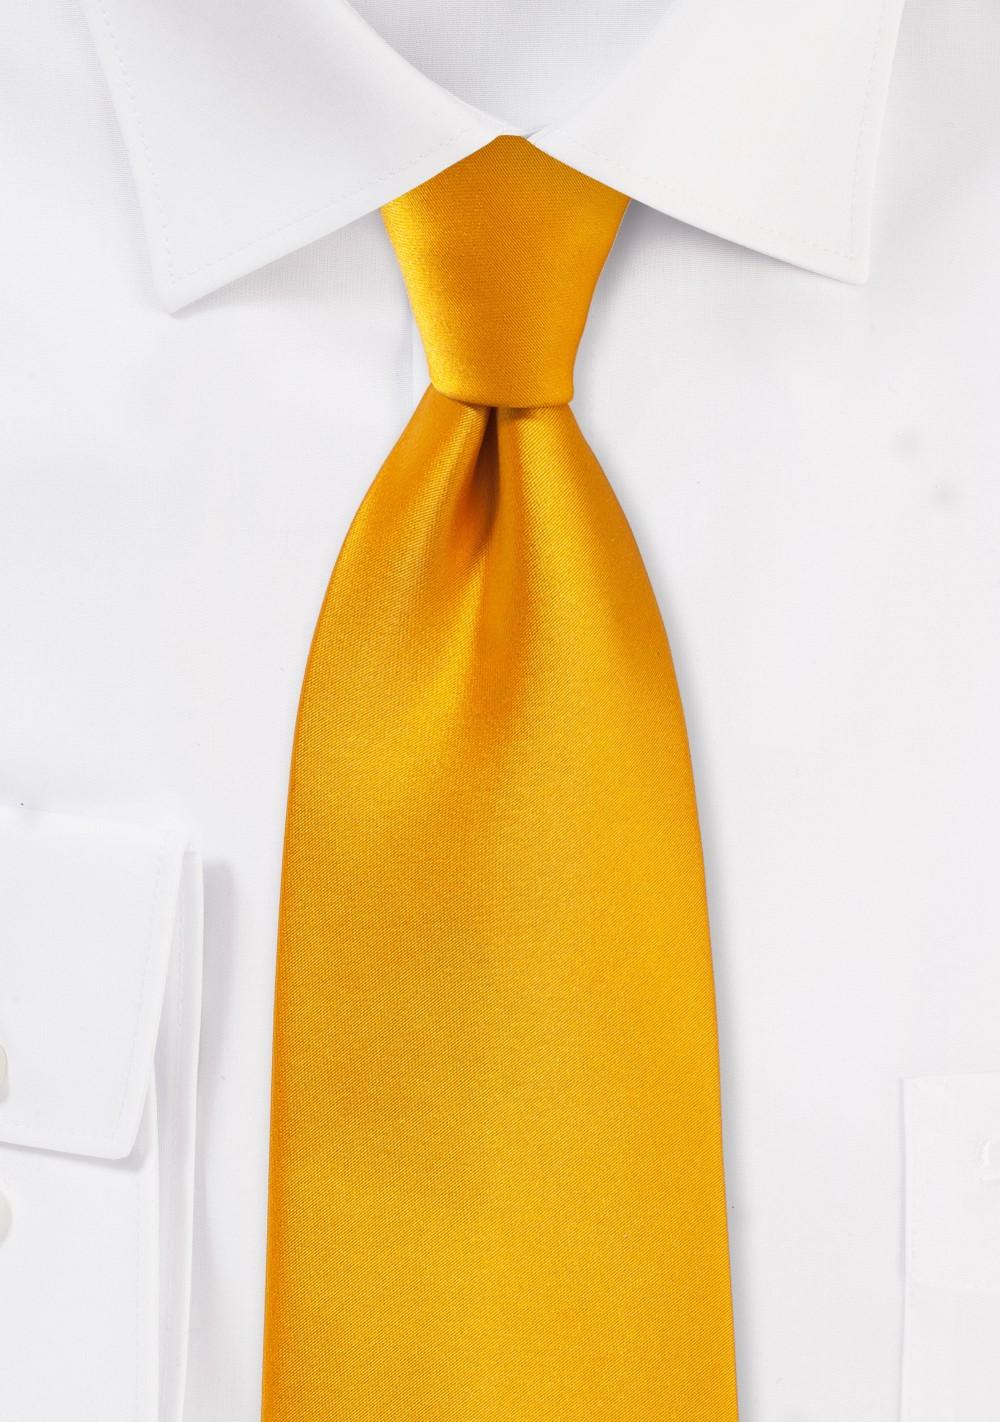 Kids Neck Tie in Golden Saffron